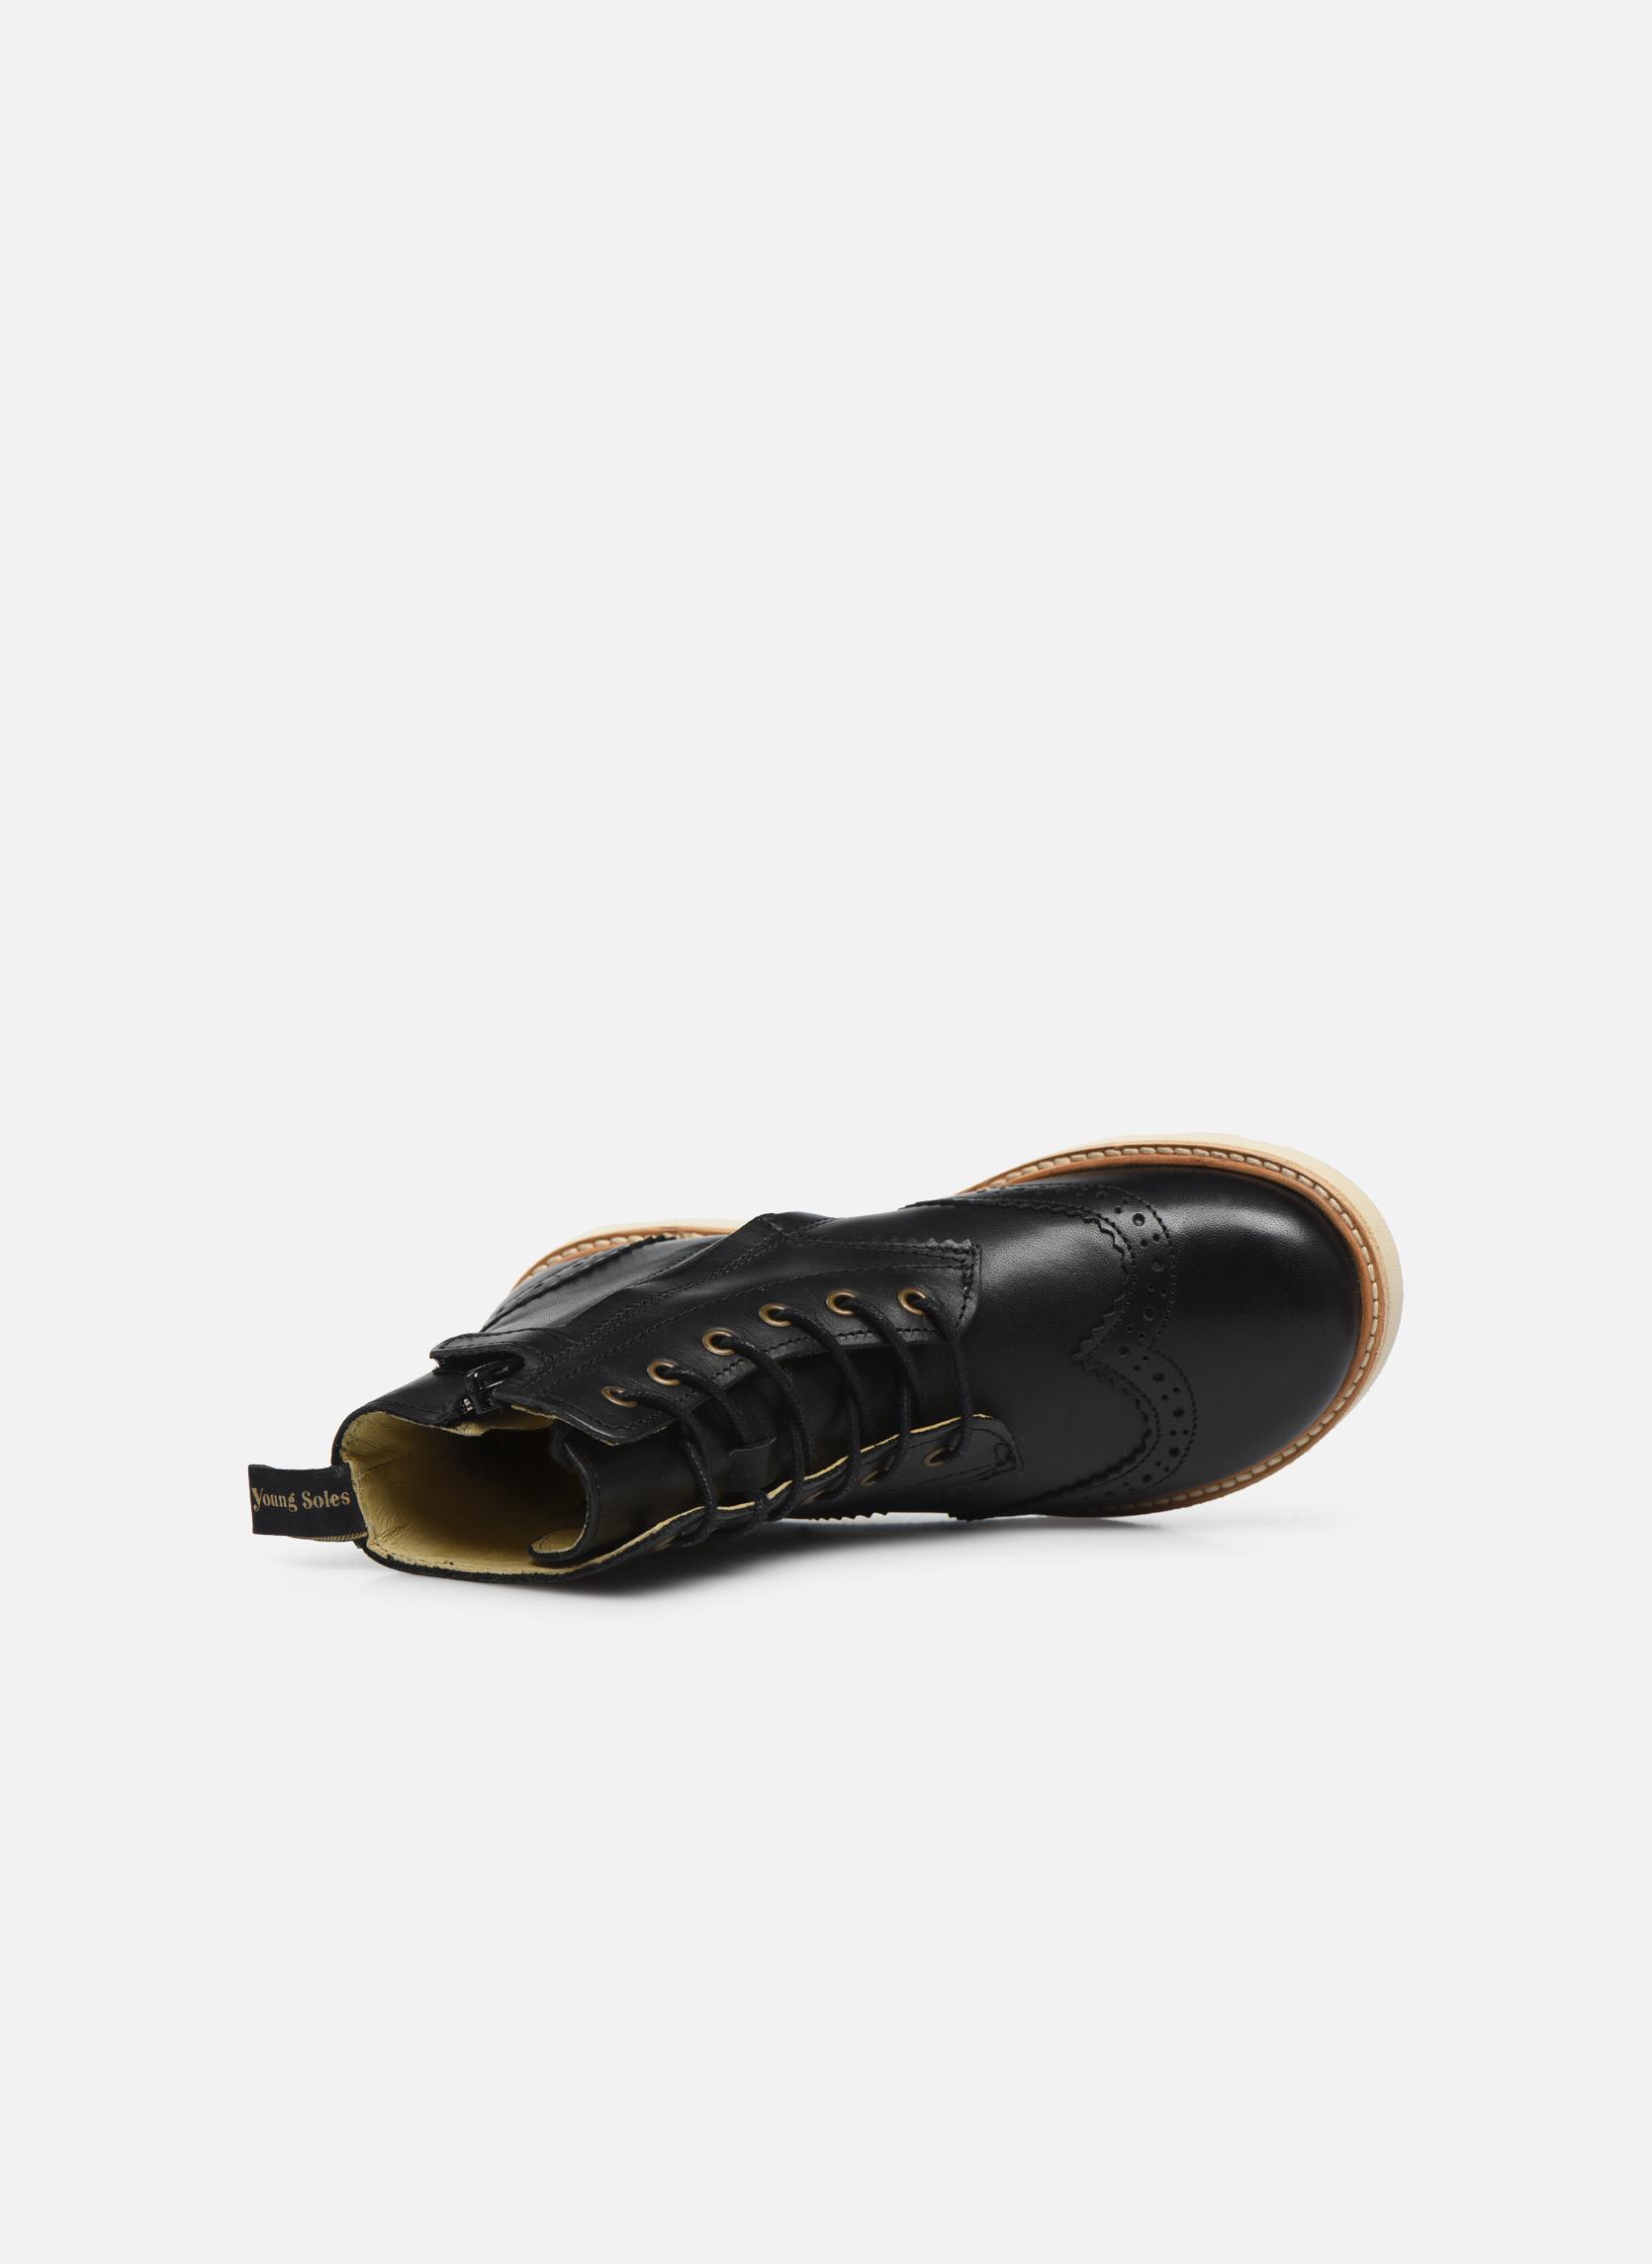 Stiefeletten & Boots Young Soles Sidney schwarz ansicht von links